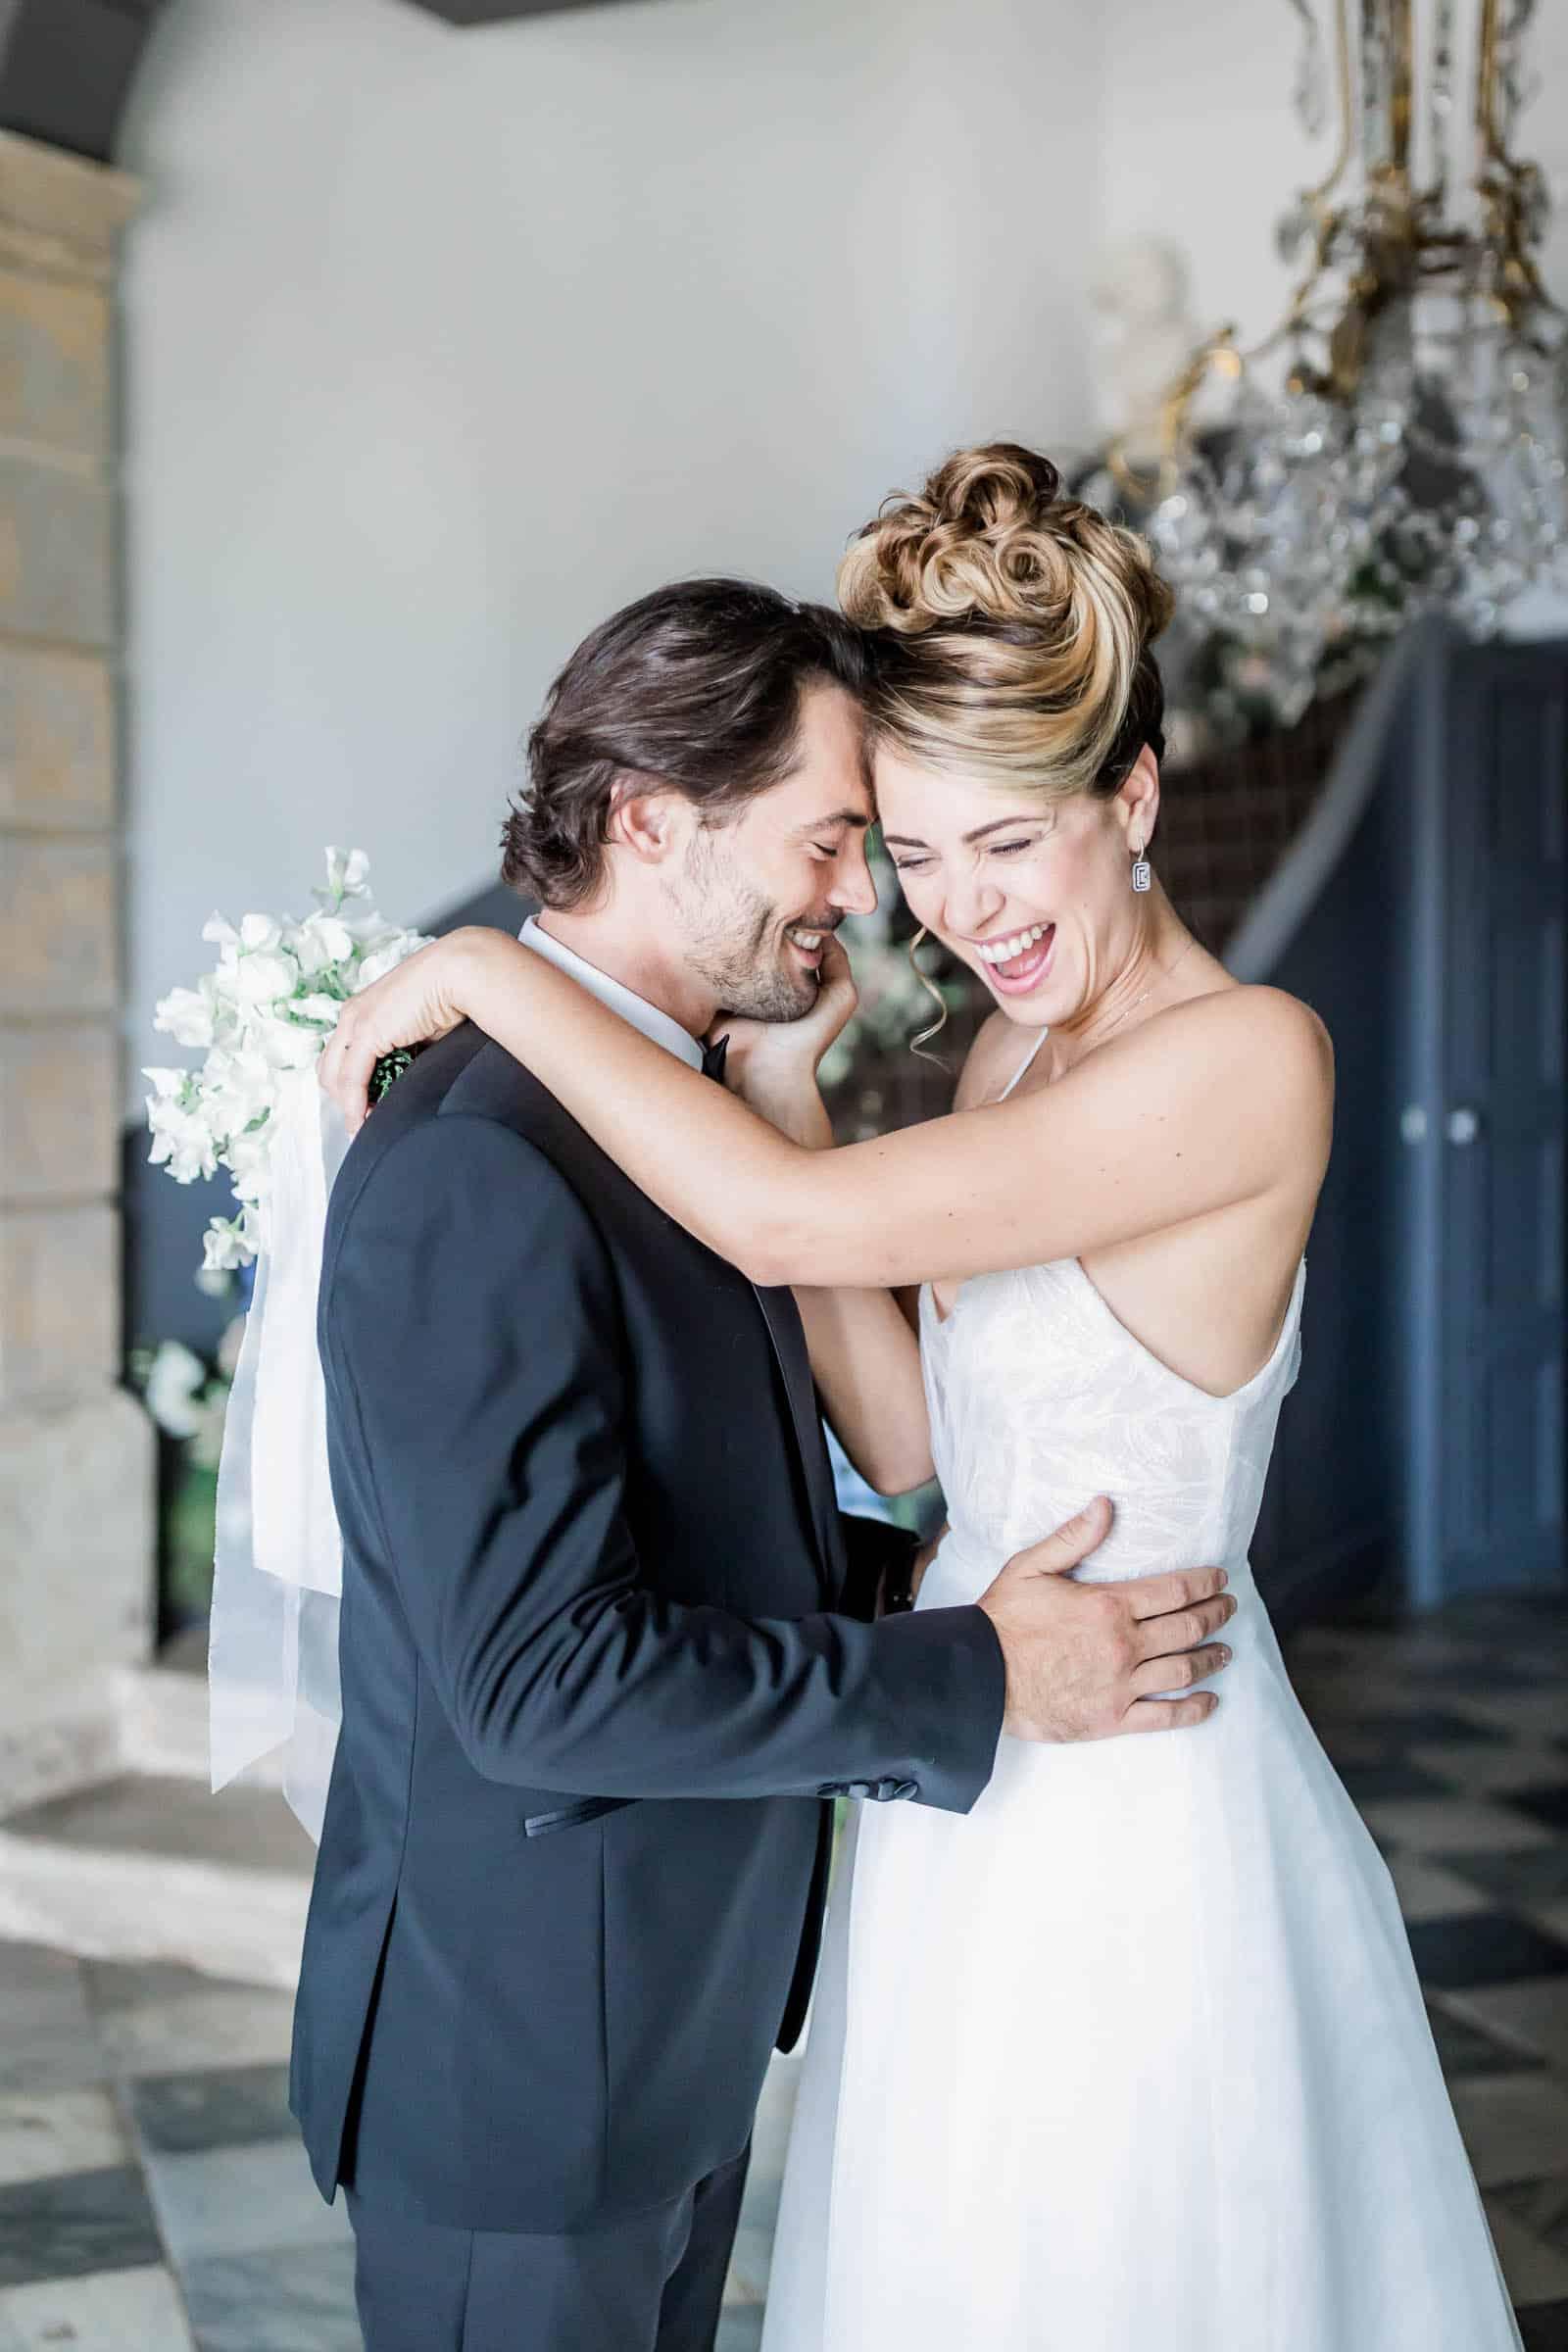 Photographie de Mathieu Dété présentant les mariés à l'intérieur de la Villa Brignac à Ollioules